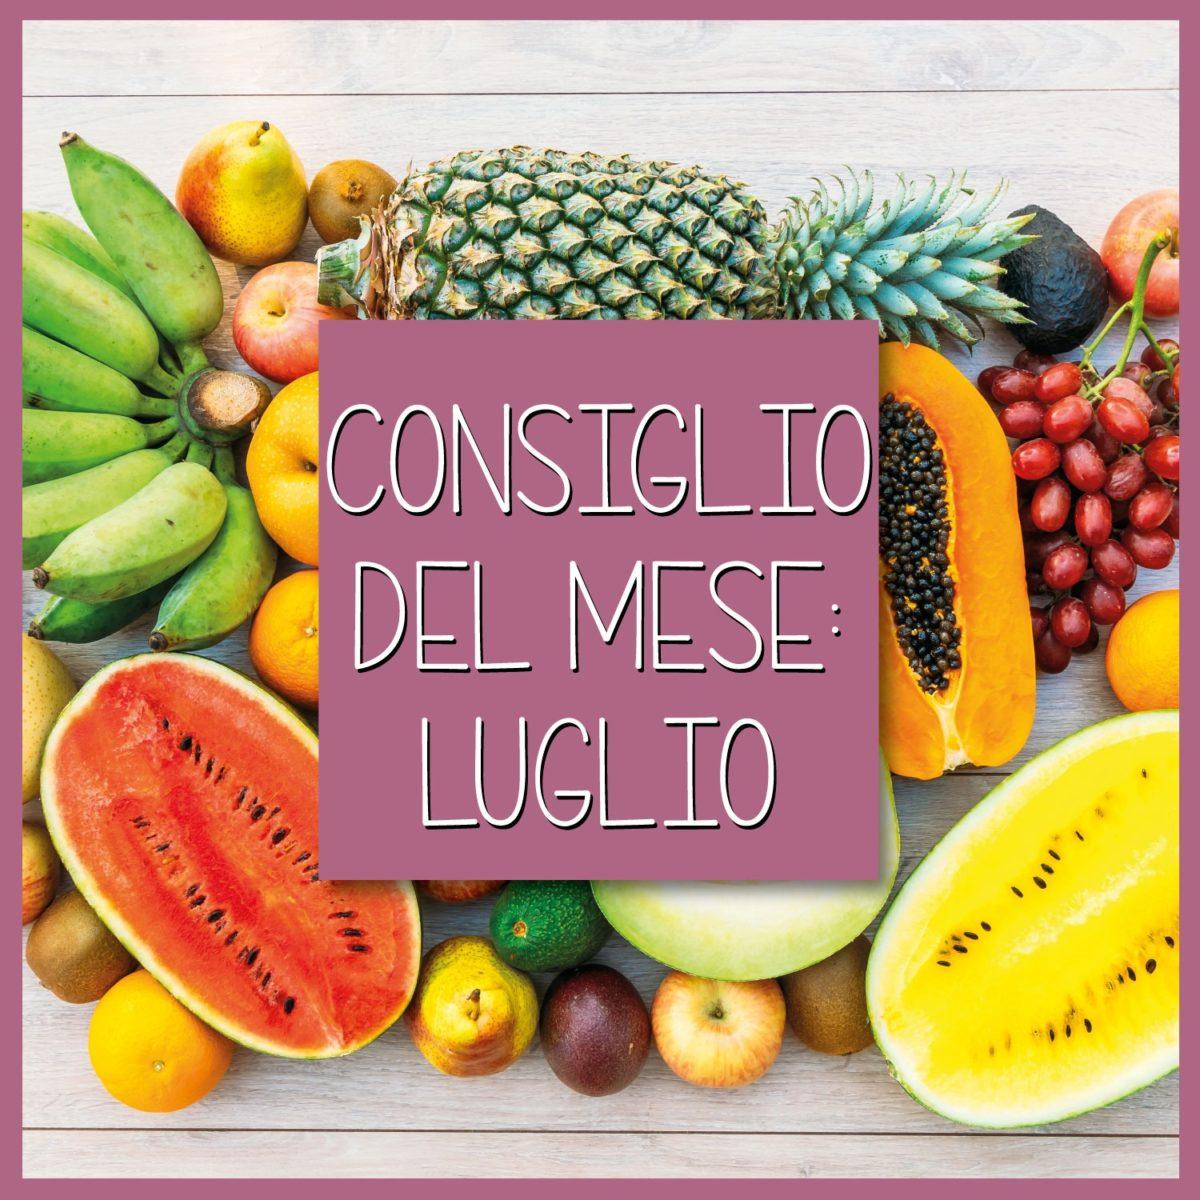 Consiglio-del-mese-Luglio-quale-frutta-e-verdura-comprare-B-Woman-1200x1200.jpeg